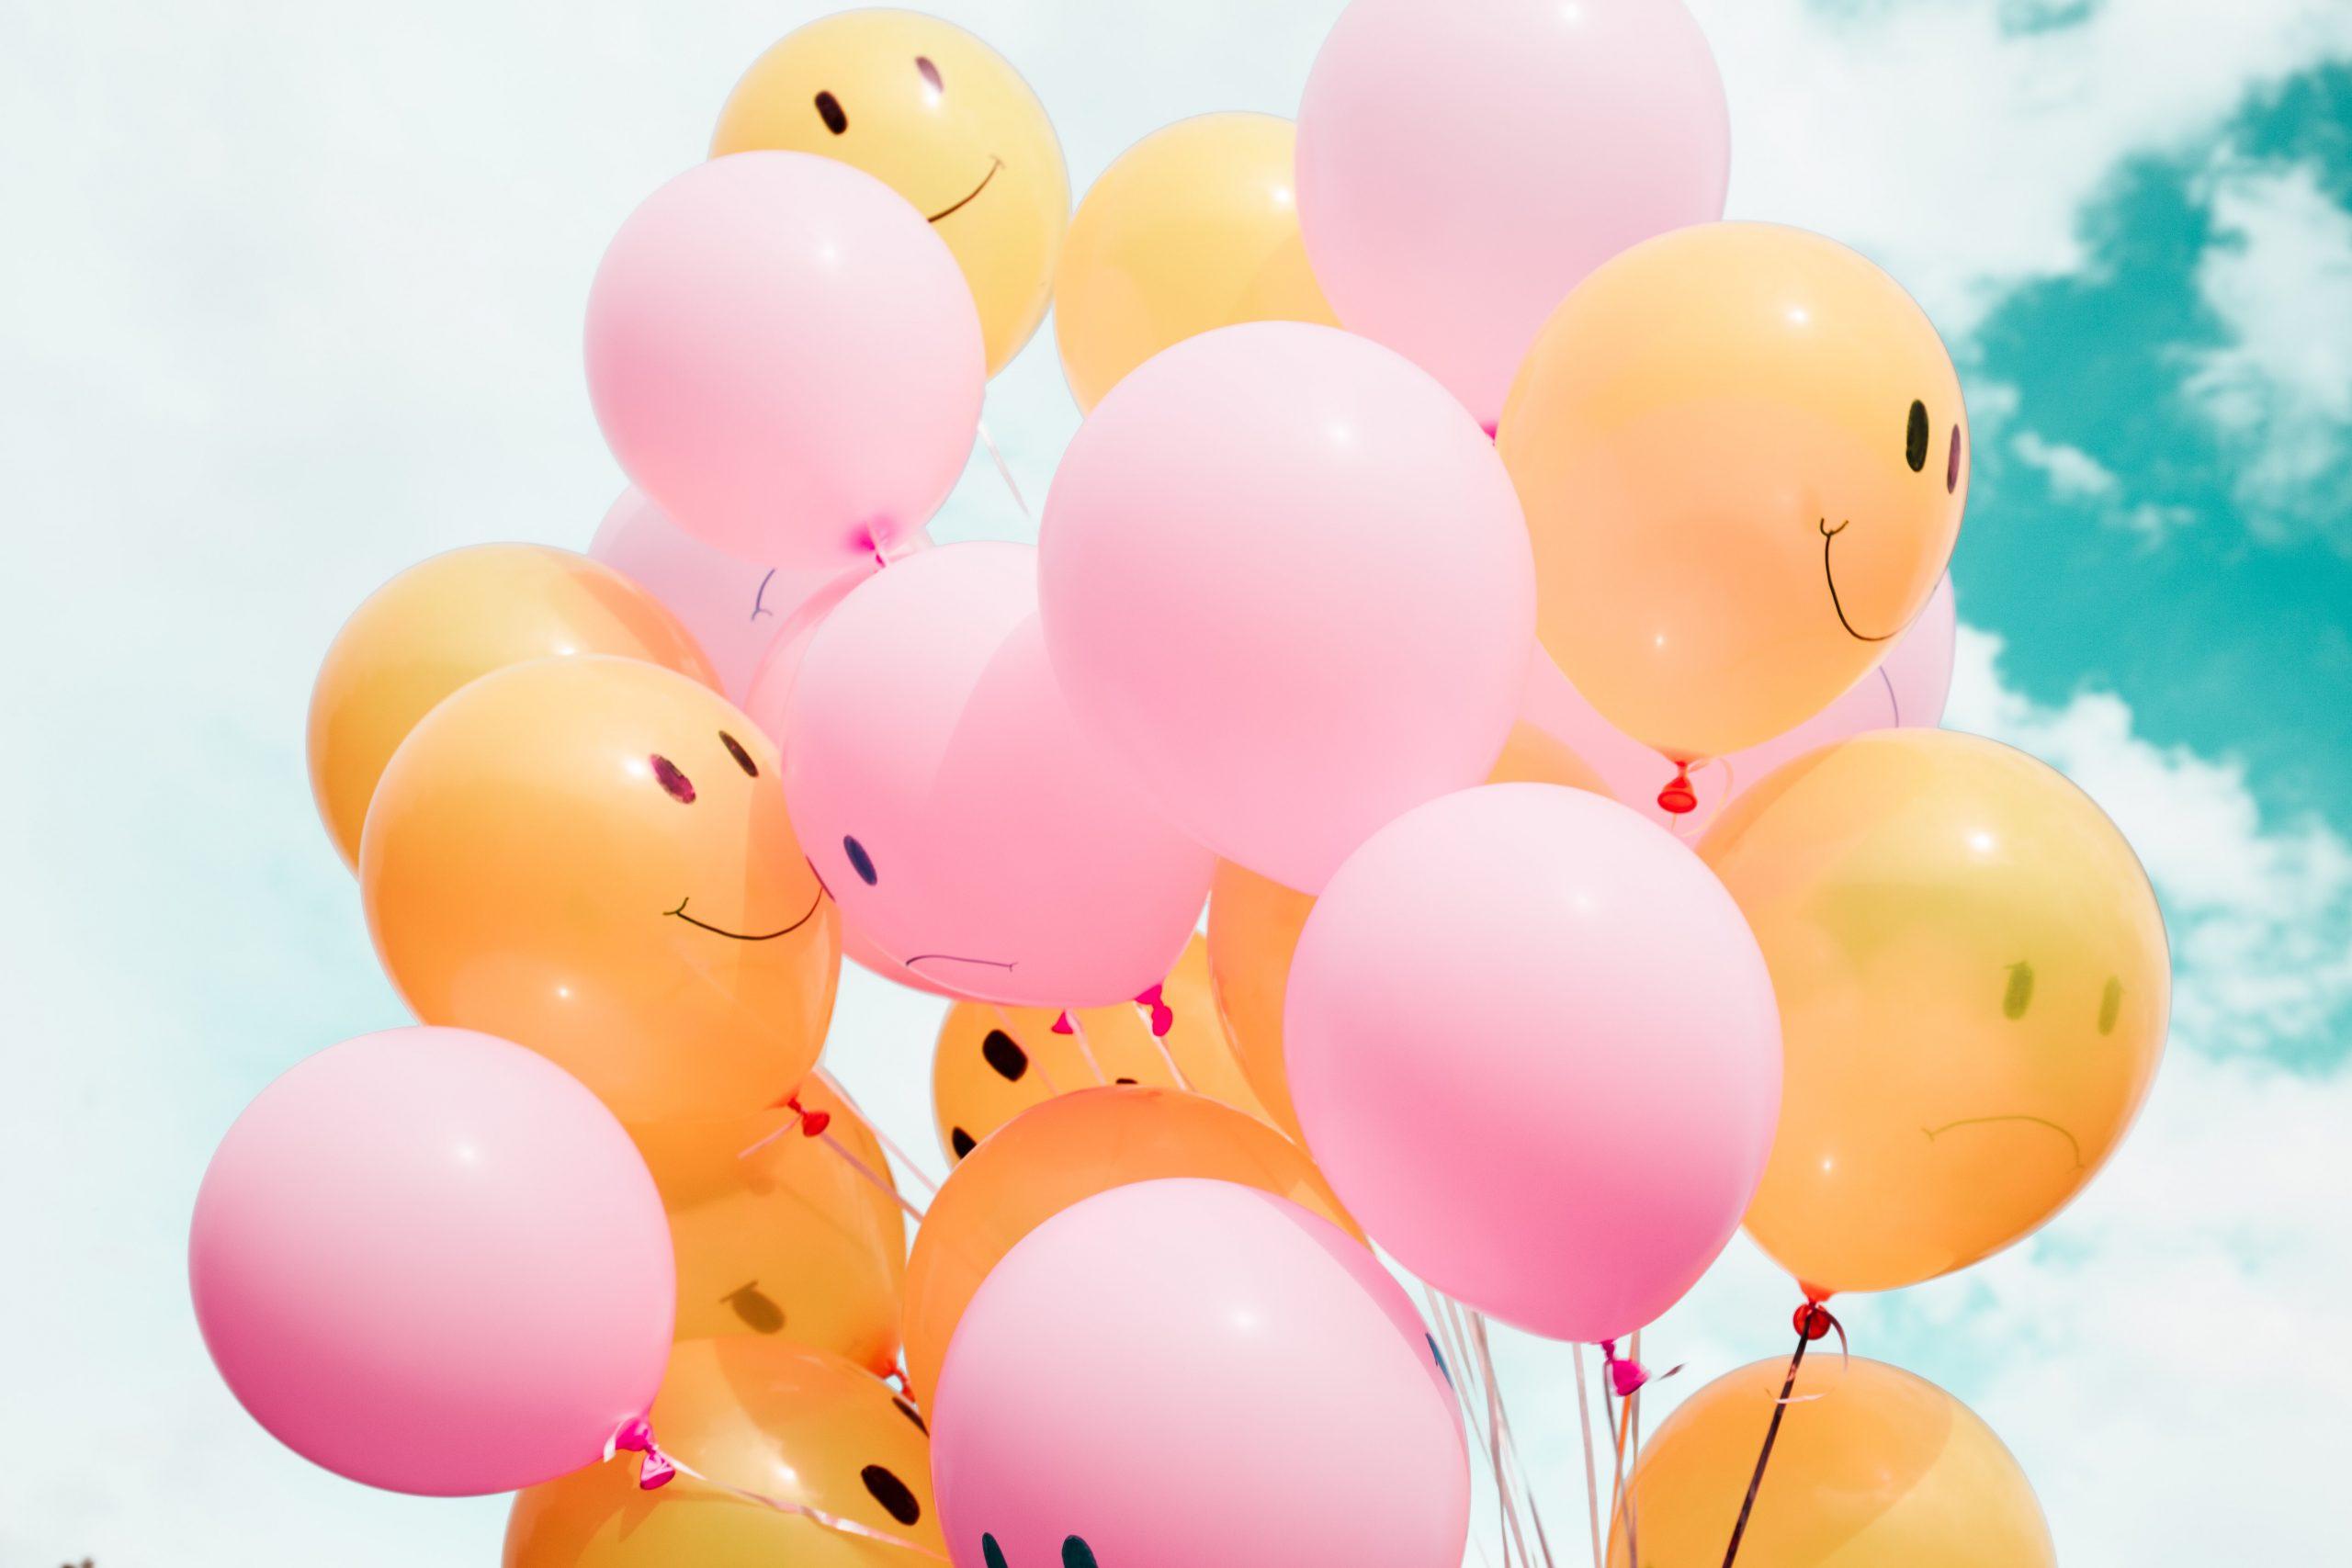 Fotografia di palloncini colorati con smile disegnati